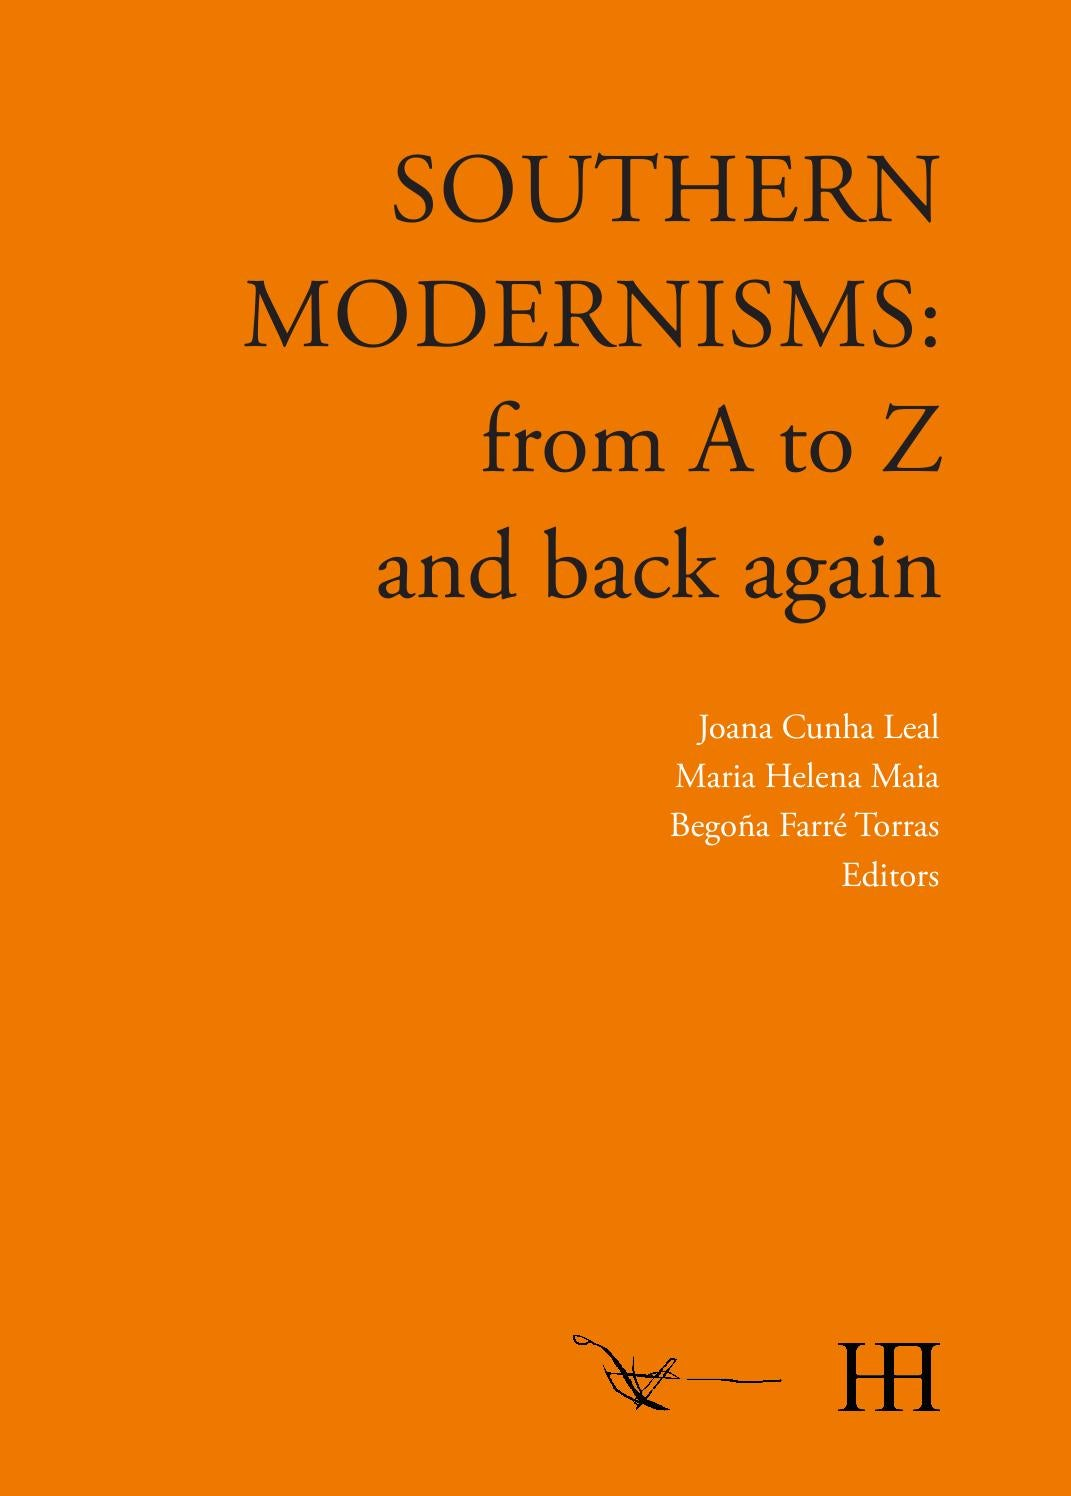 A Civilização Do Ocidente Medieval Pdf southern modernism from a to zinstituto de história da